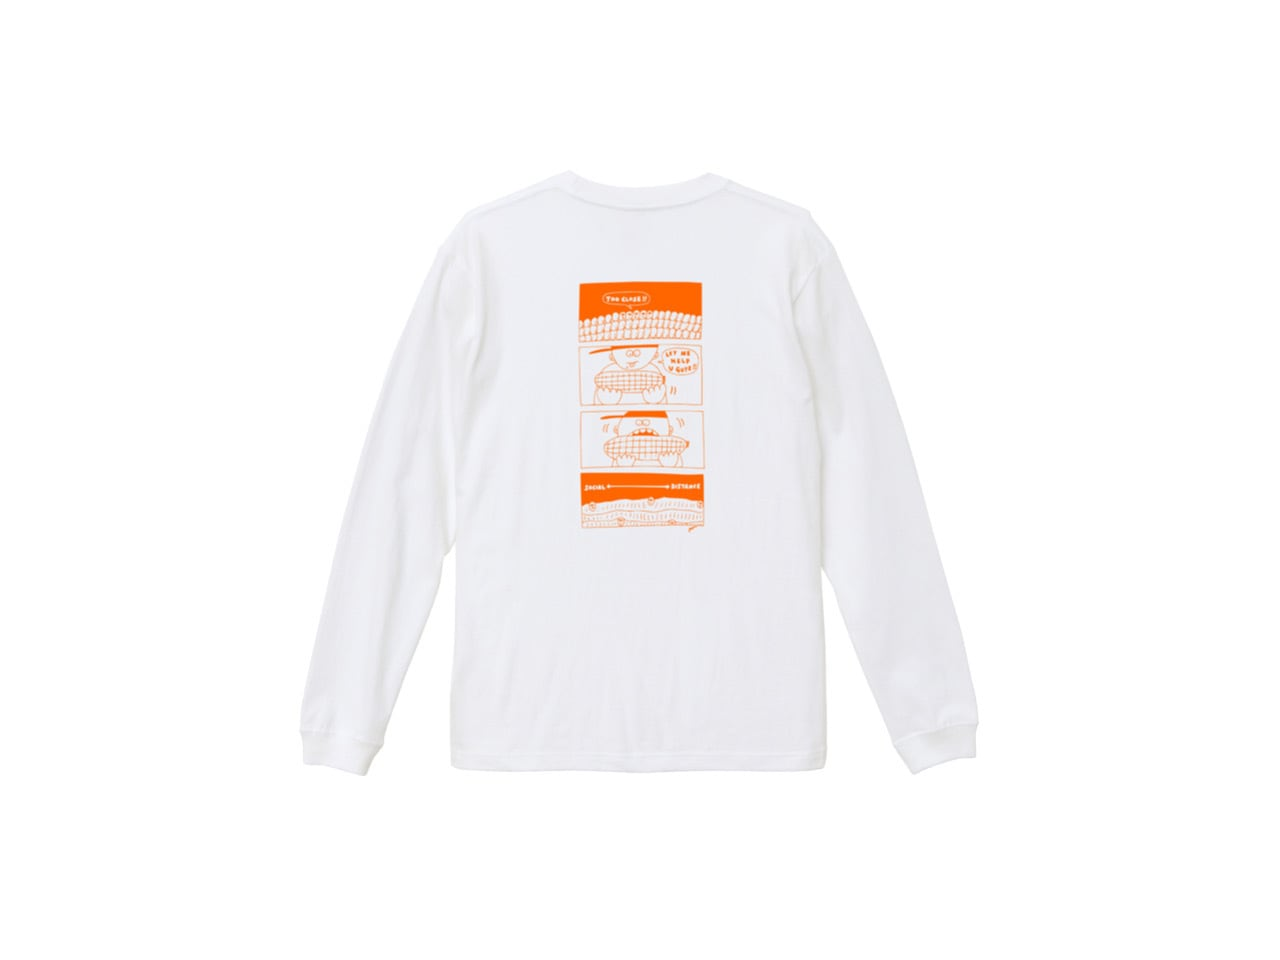 SHI × coguchi Corn SD long T-shirt (WH/OR)